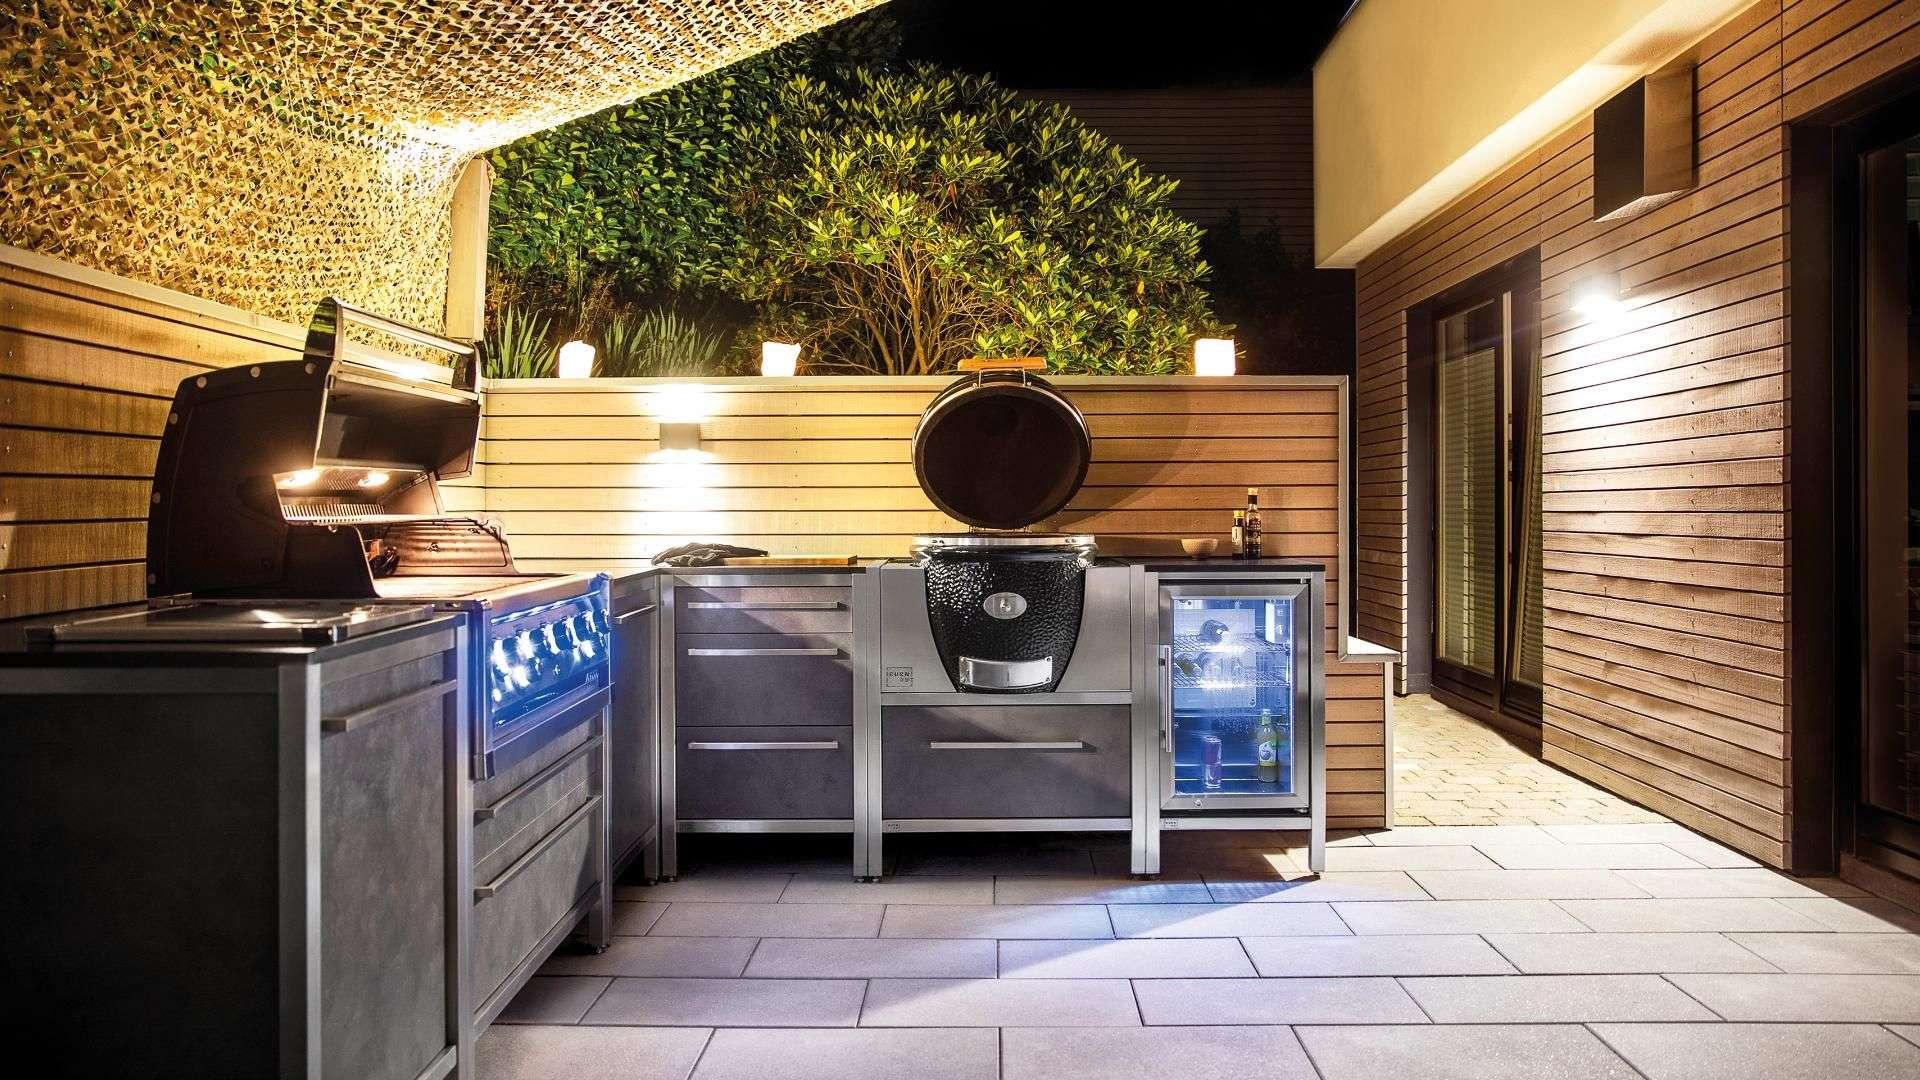 Burnout Outdoorküche auf einer Terrasse bei Nacht